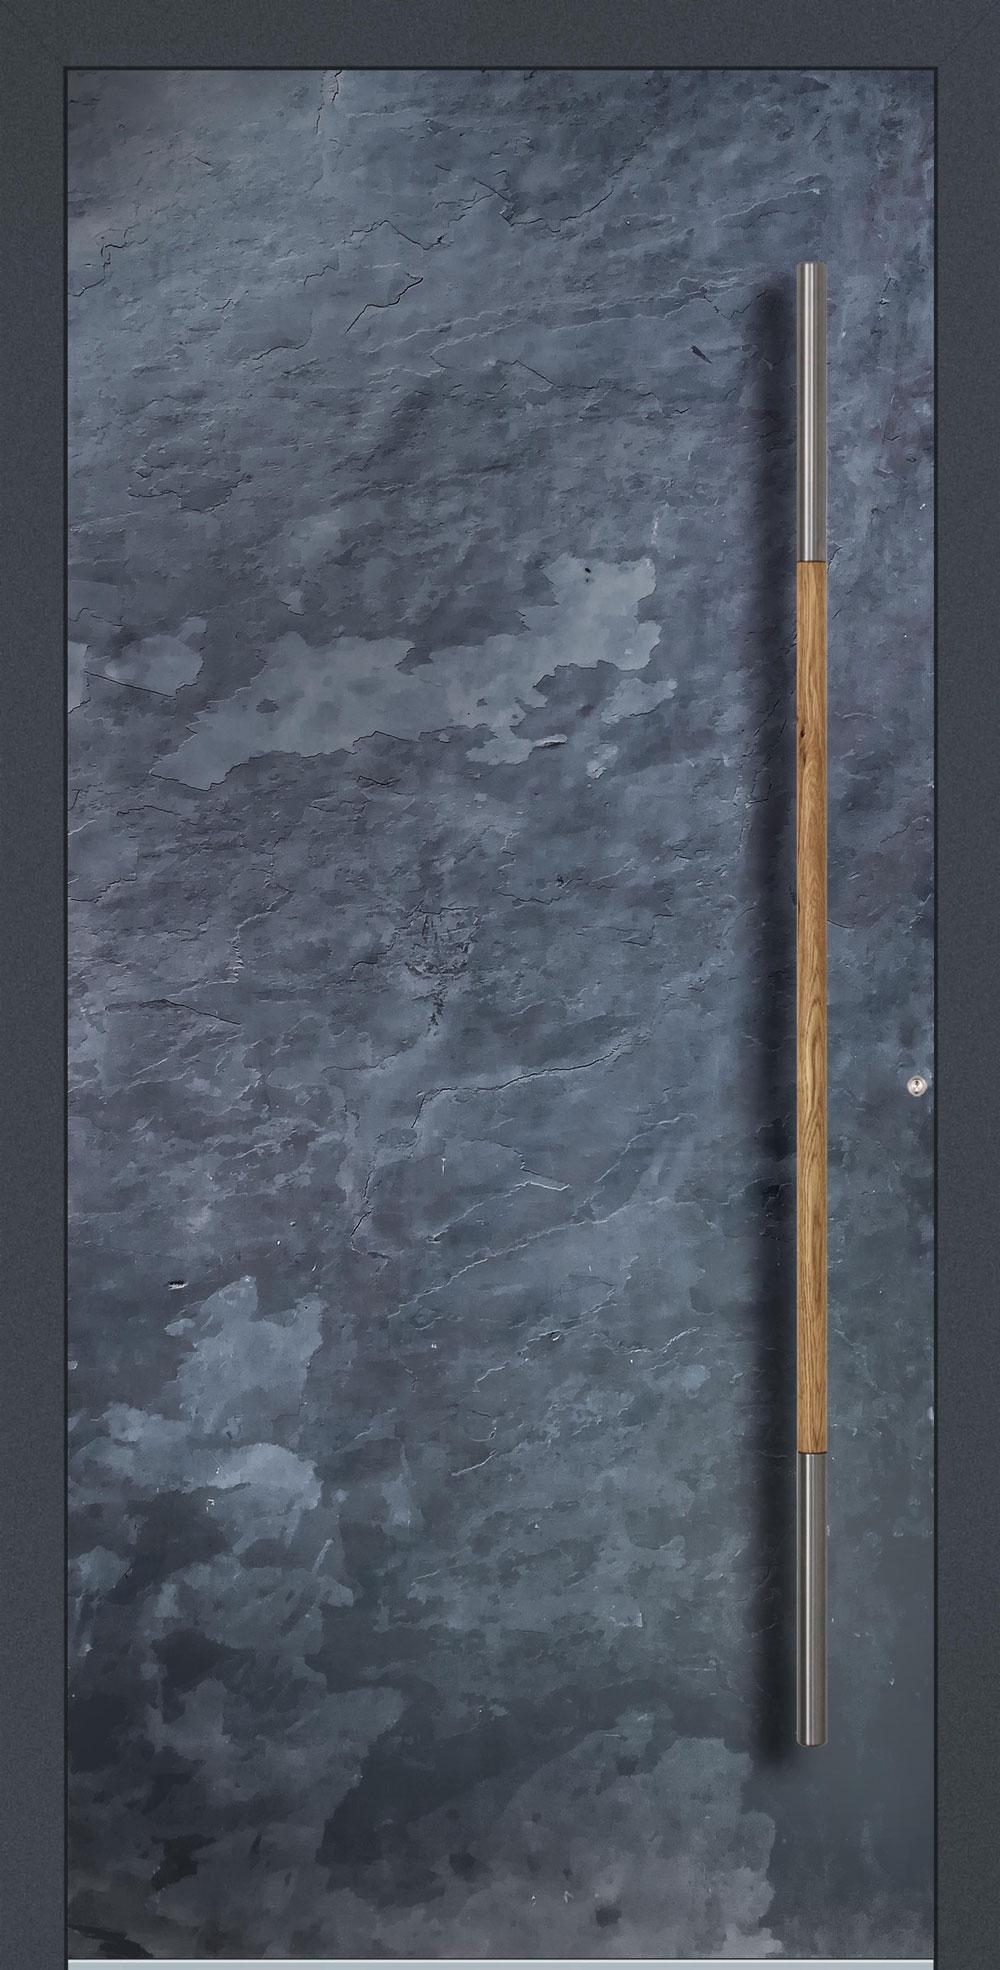 S01 komplett geschlossen Echtschieferoberfläche einseitig außen Anwendungsbeispiel in flügelüberdeckend, Edelstahlgriff 0324 (Eiche)